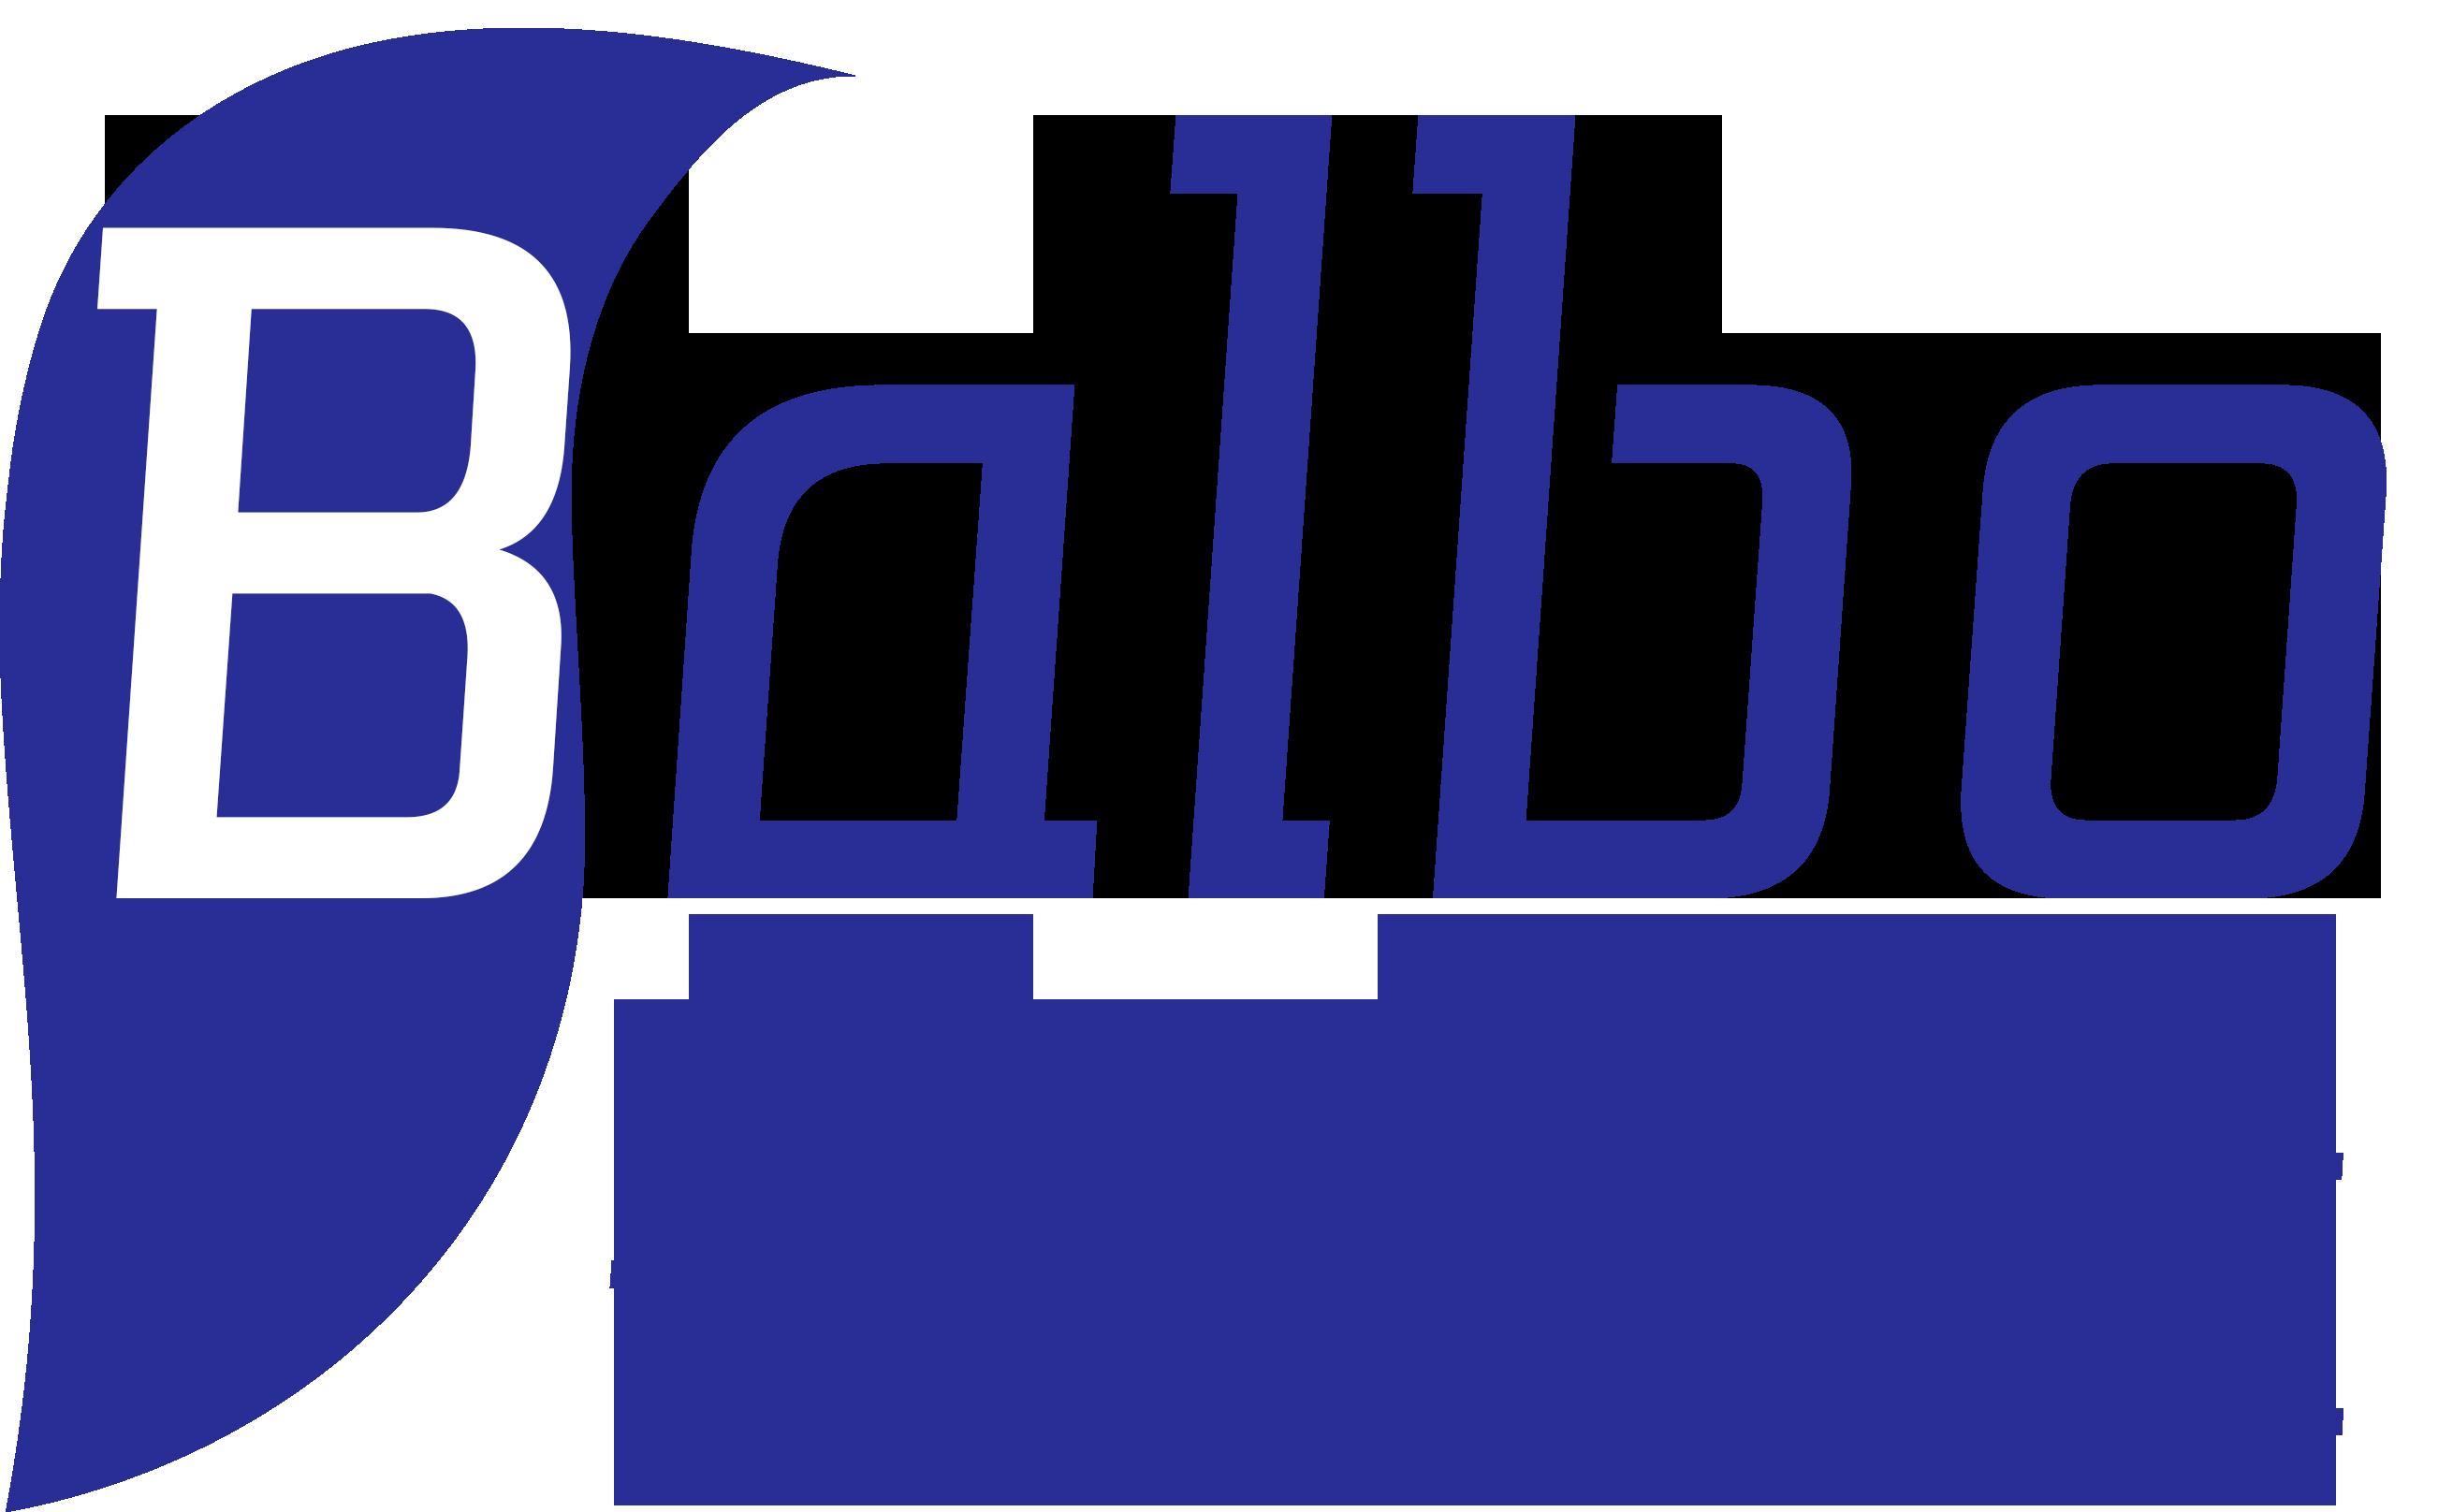 Consultoría y Formación Balbo, S.L.